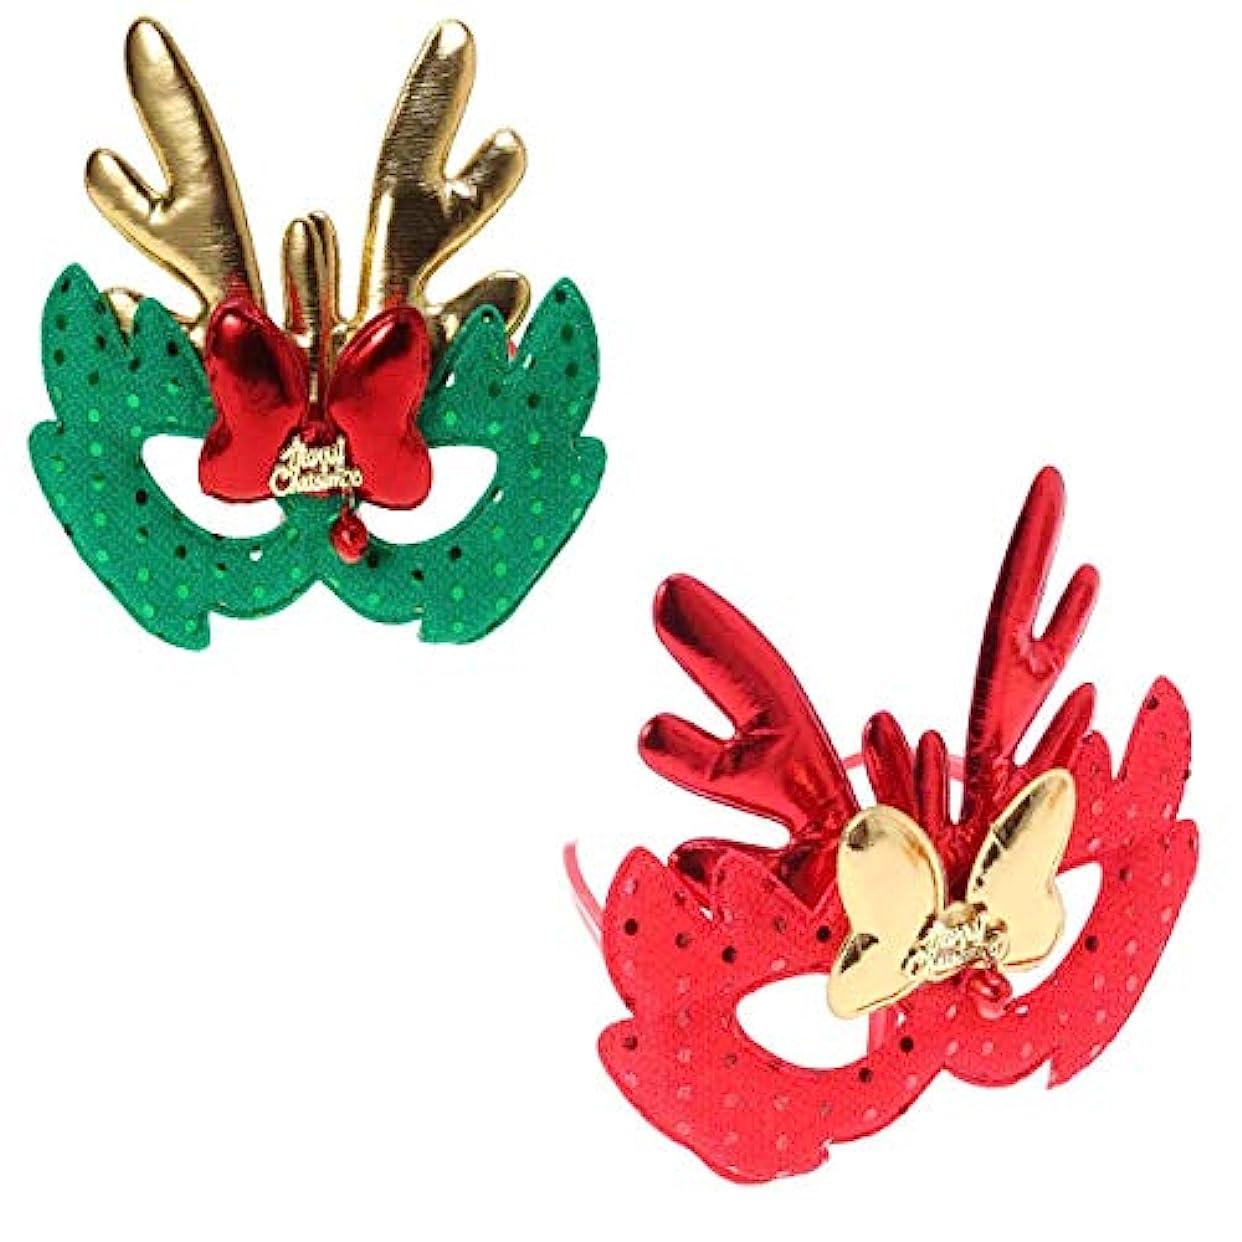 鈍い市長爬虫類BESTOYARD エルククリスマスコスチュームマスク布マスク子供大人コスプレクリスマスパーティー2個